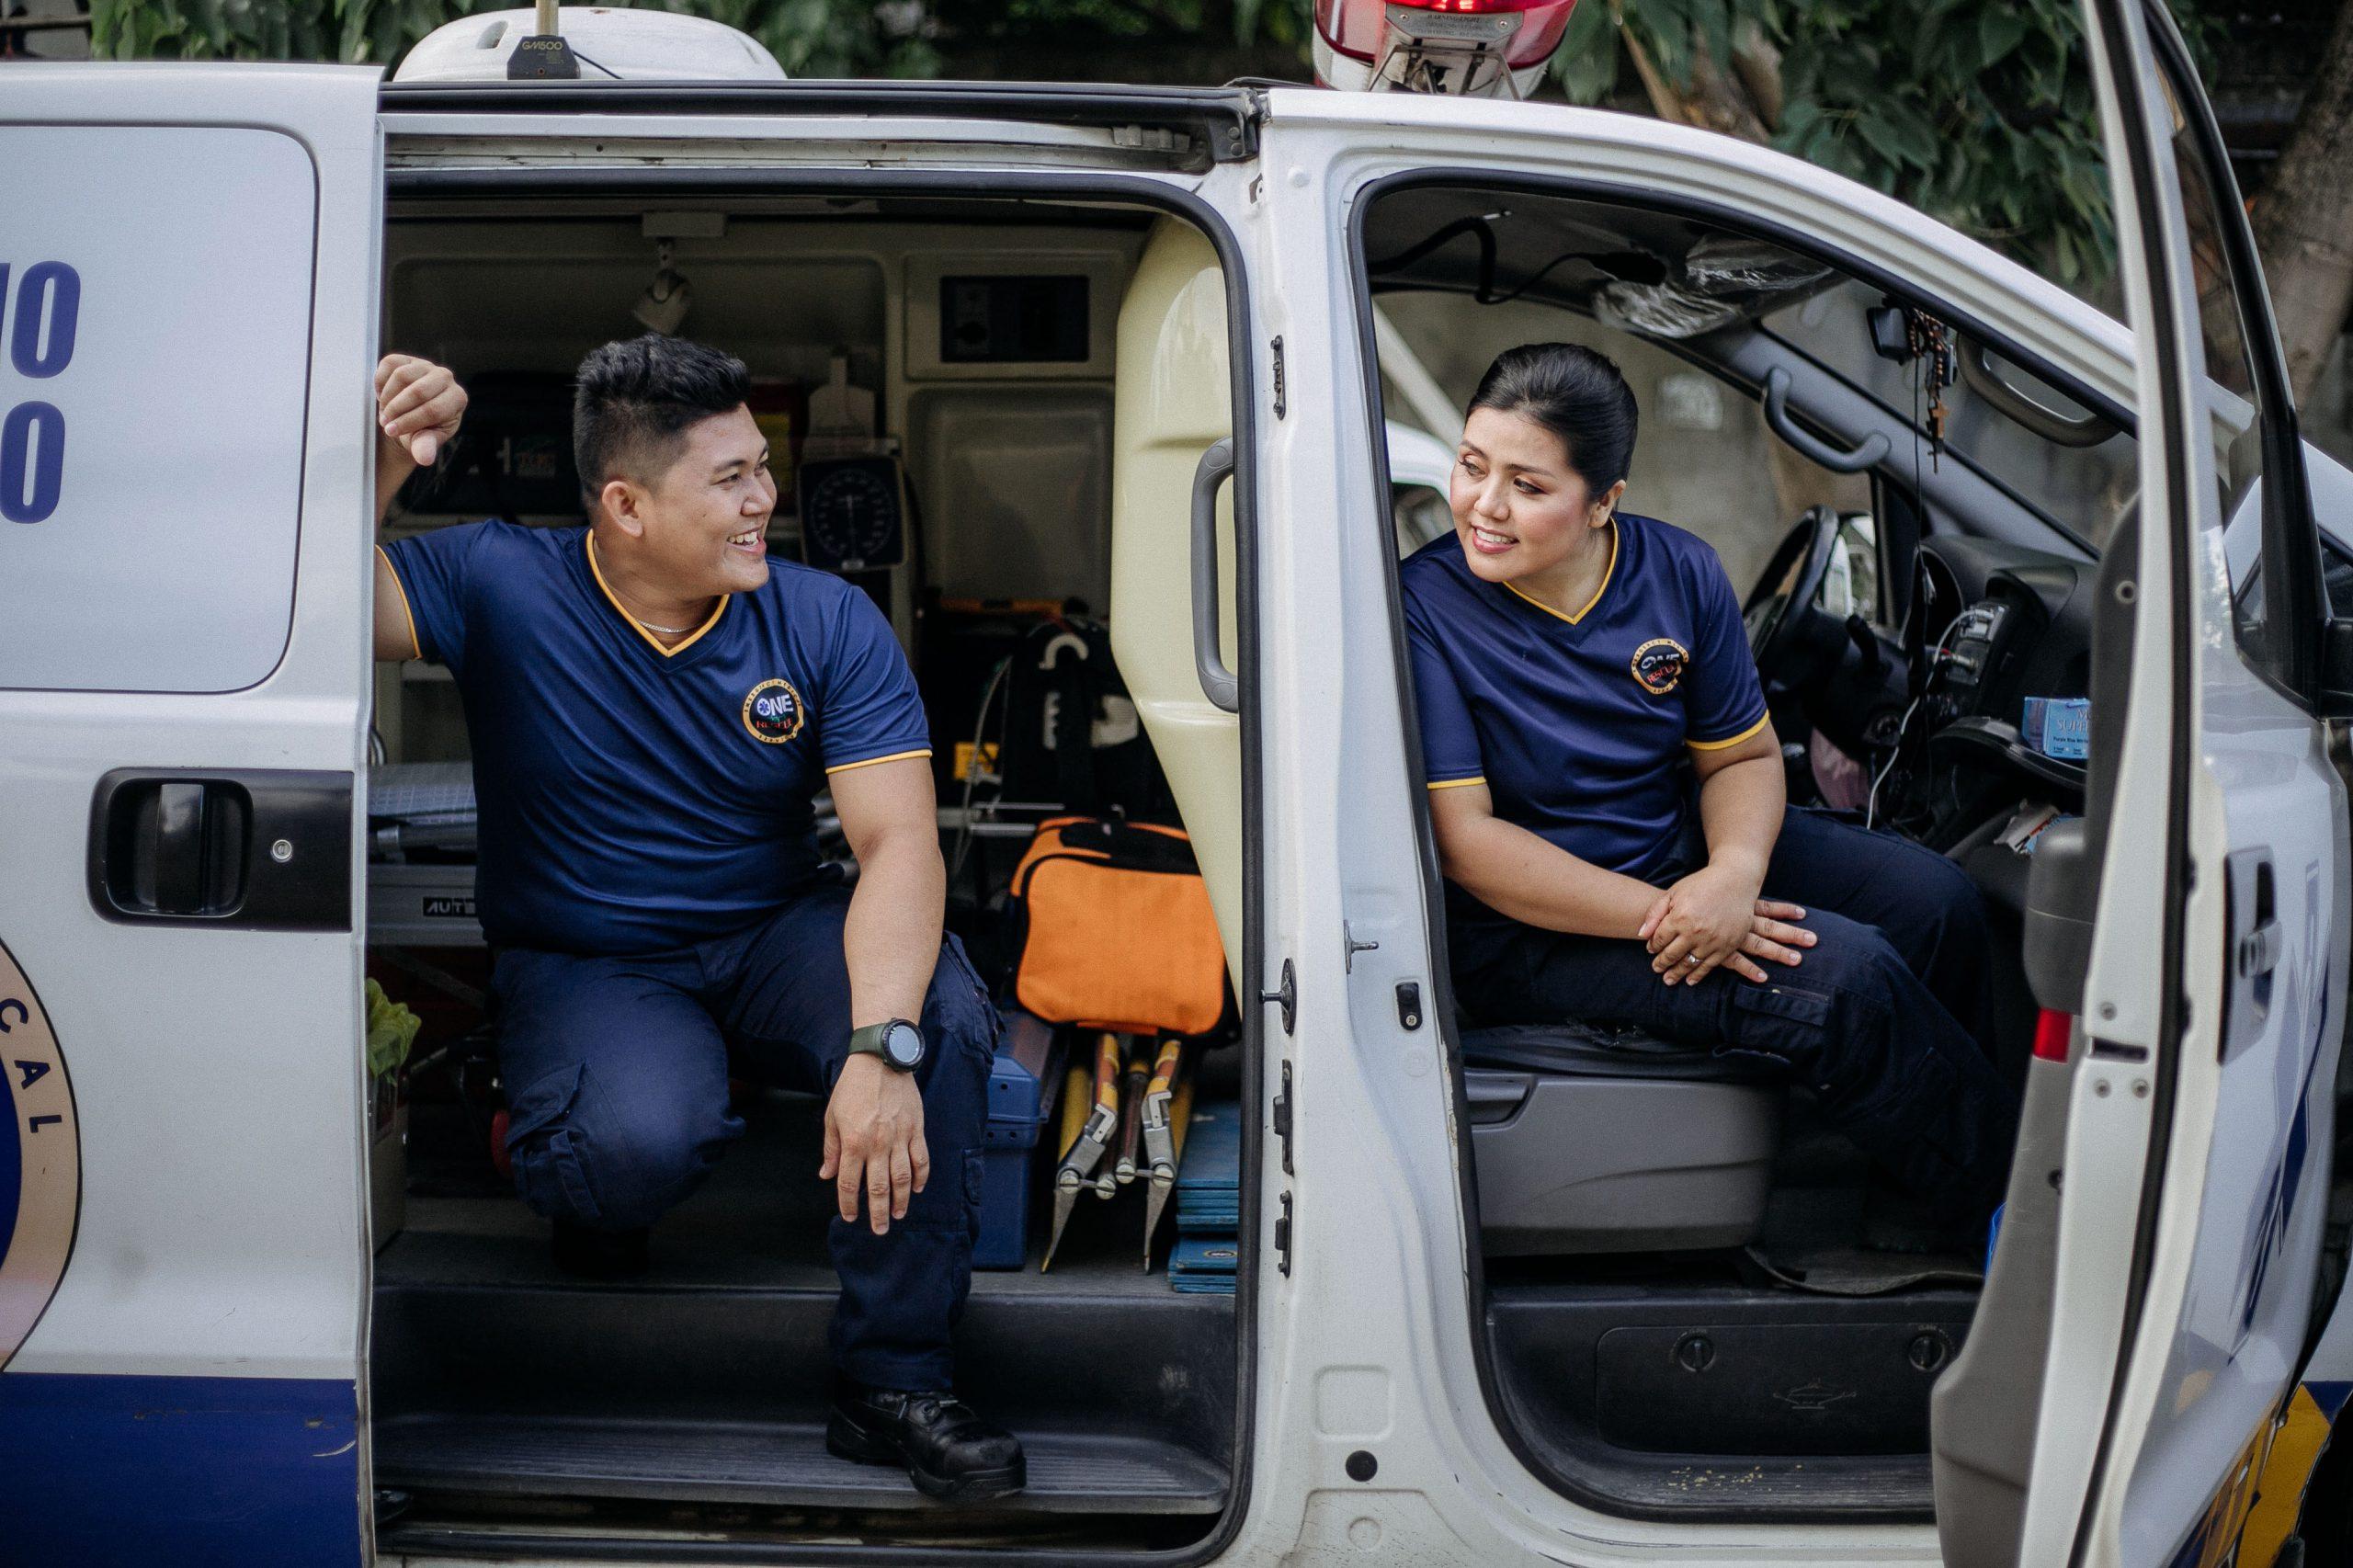 First responders in a van